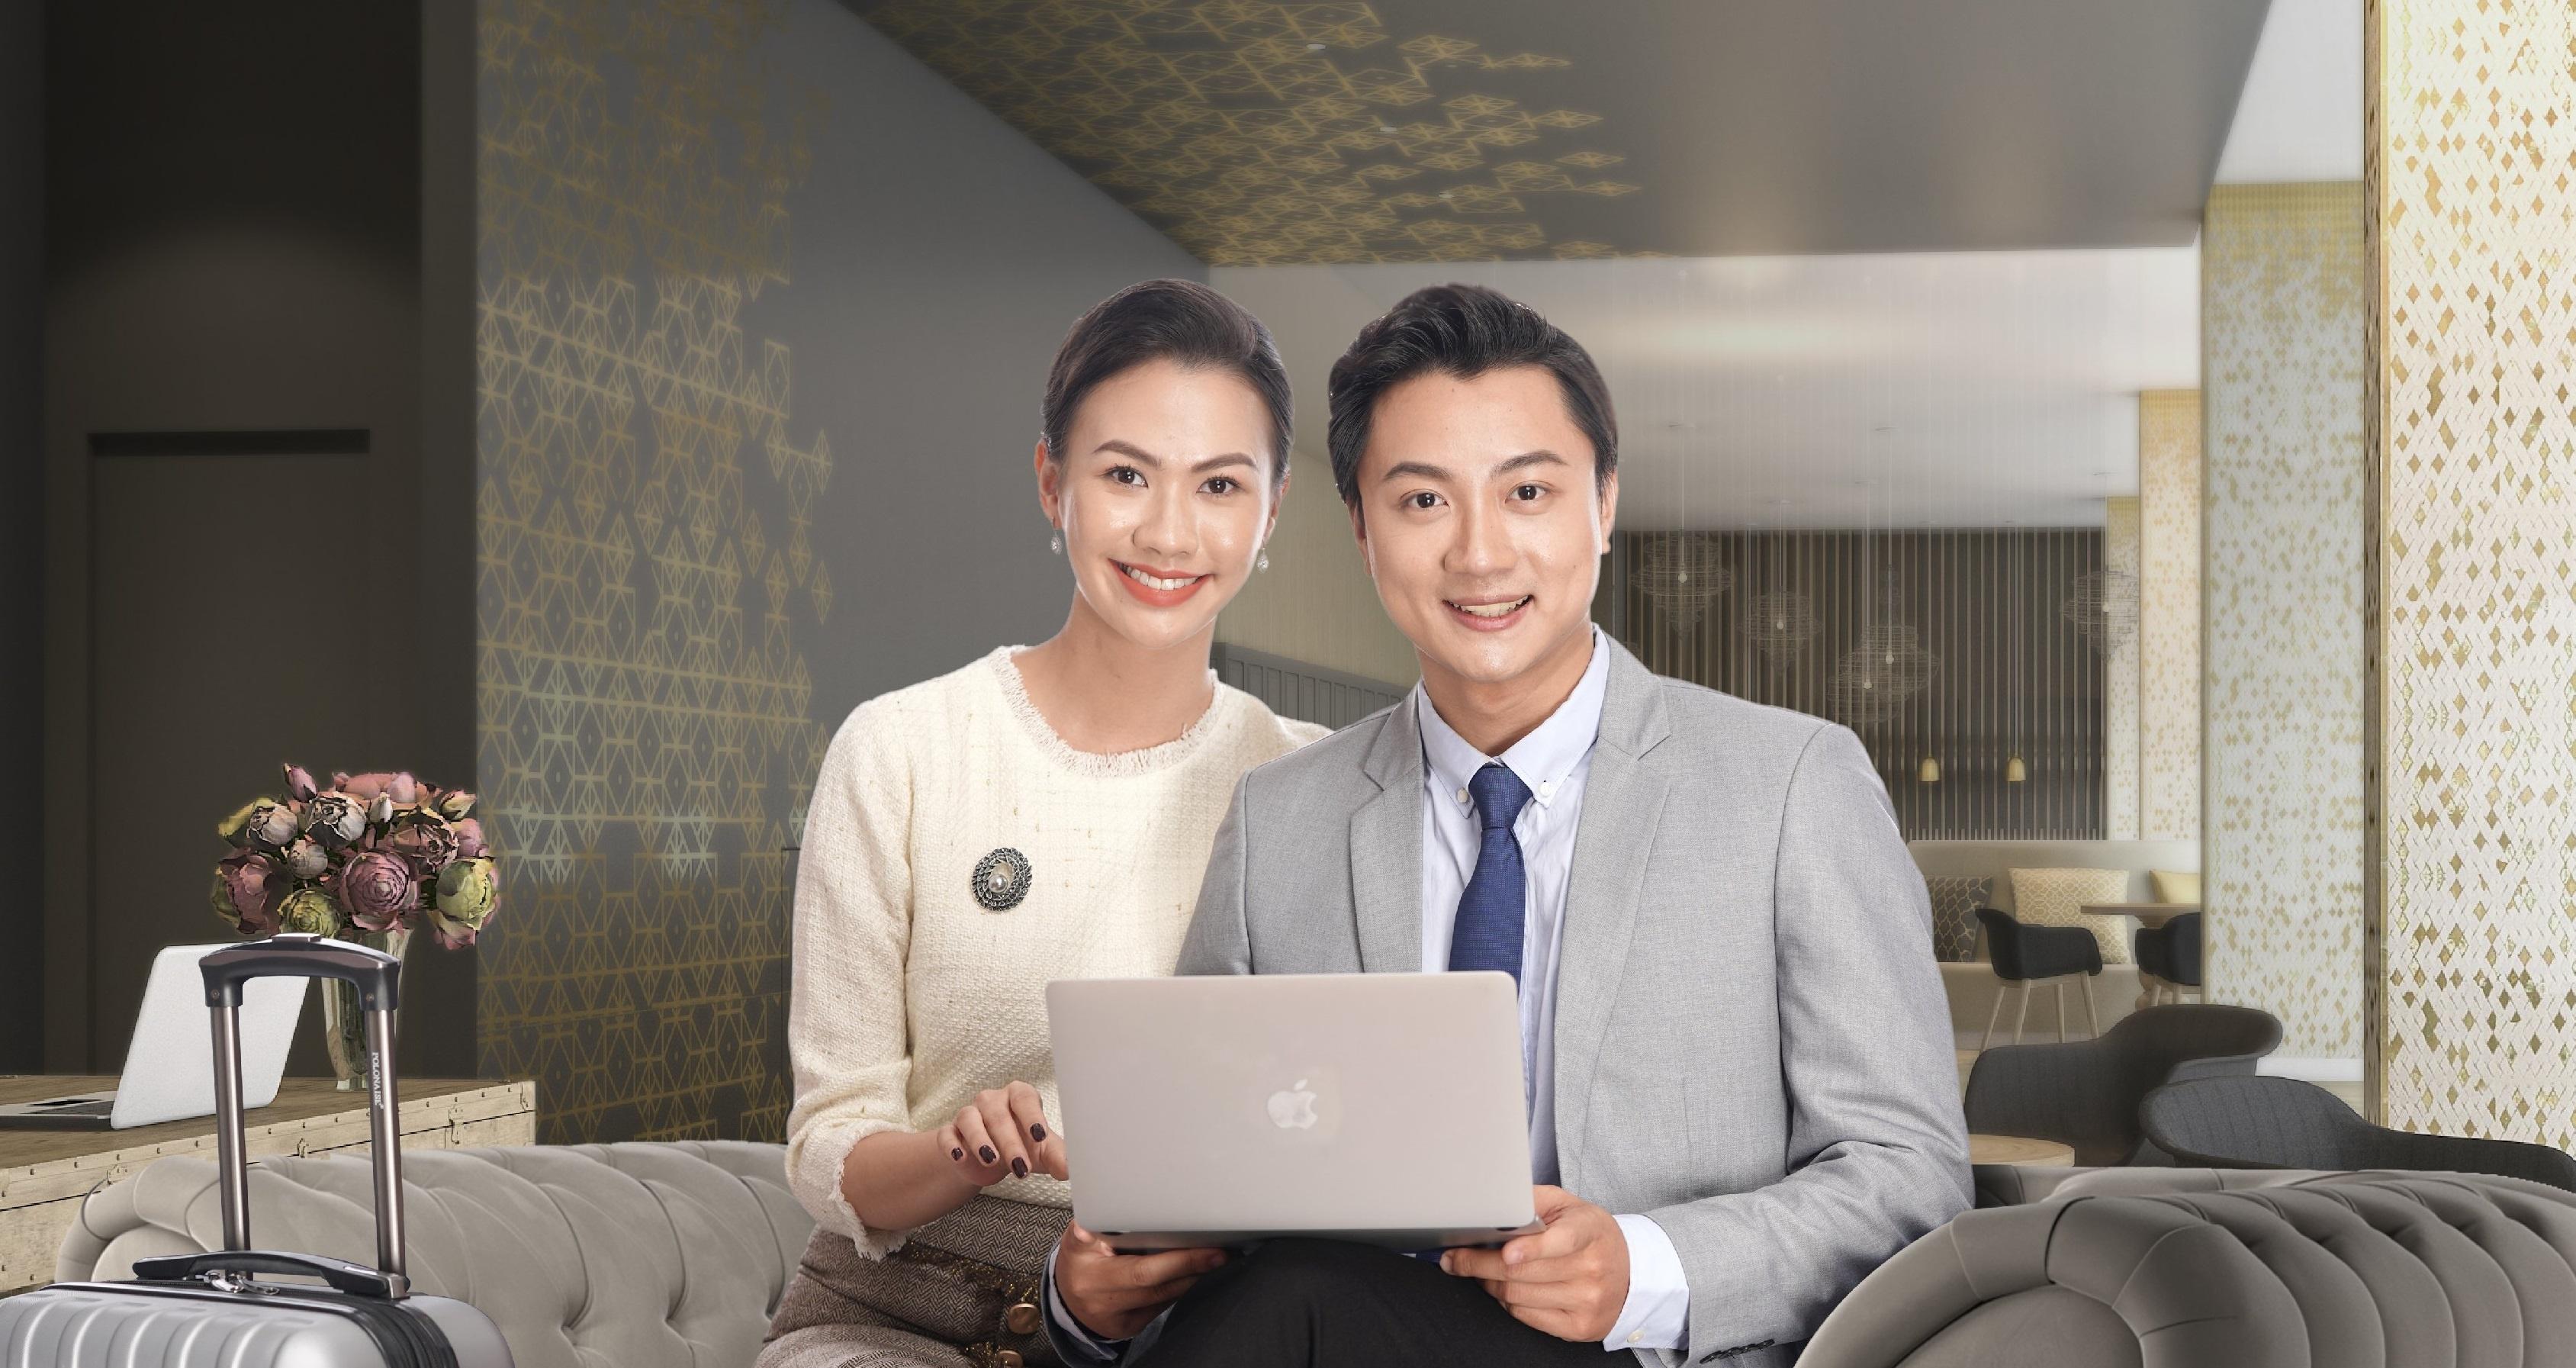 MB Bank,  MB Priority anh 1  - 13_1 - MB tặng ưu đãi cho chủ thẻ MB Priority và người thân